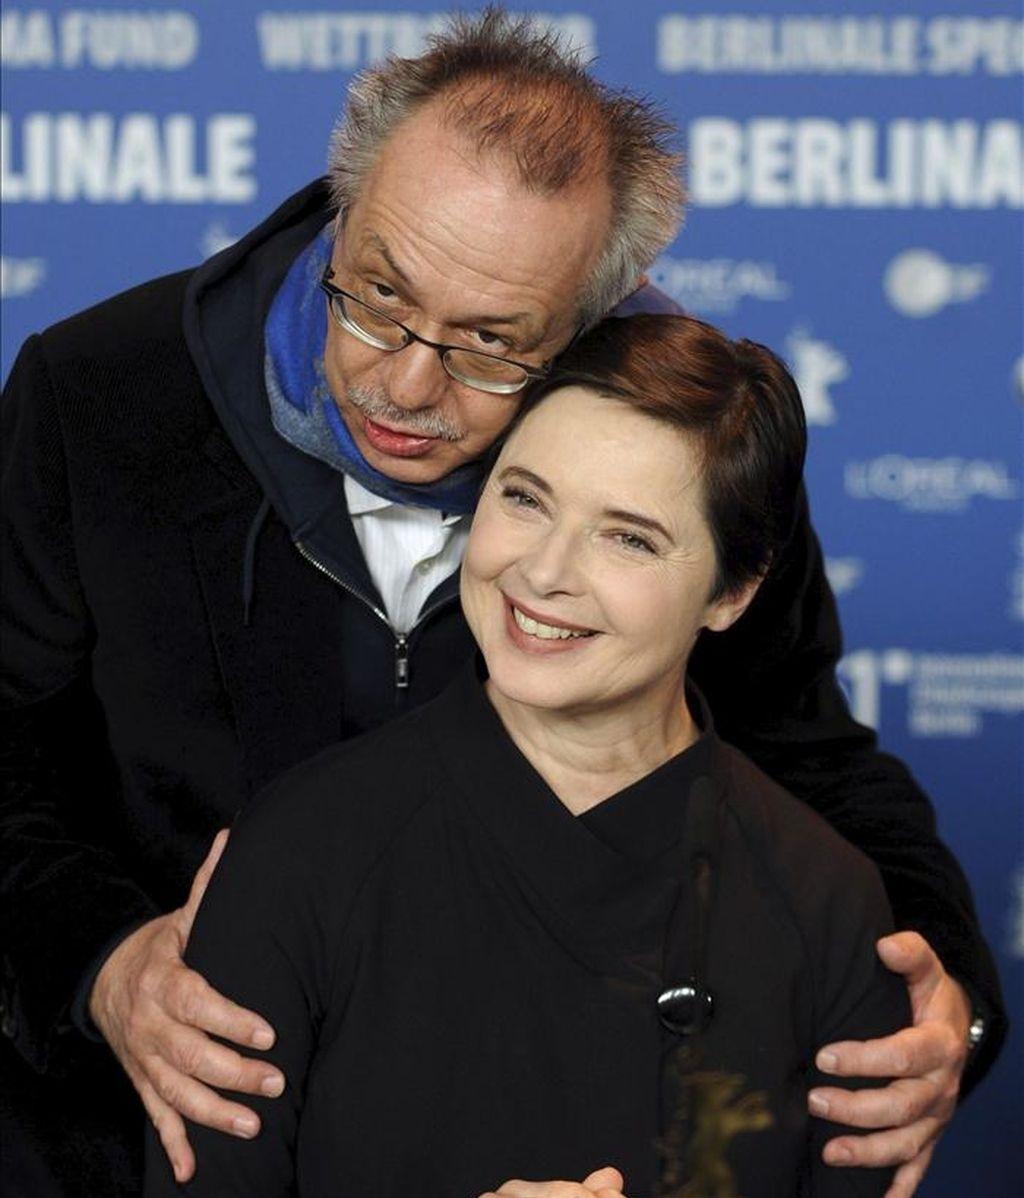 La actriz y directora italiana Isabella Rossellini (d) posa junto al director de la Berlinale, Dieter Kosslick, durante el pase gráfico de los miembros del jurado de la 61 edición del Festival Internacional de Cine de Berlín (Alemania), hoy, jueves 10 de febrero de 2011. EFE